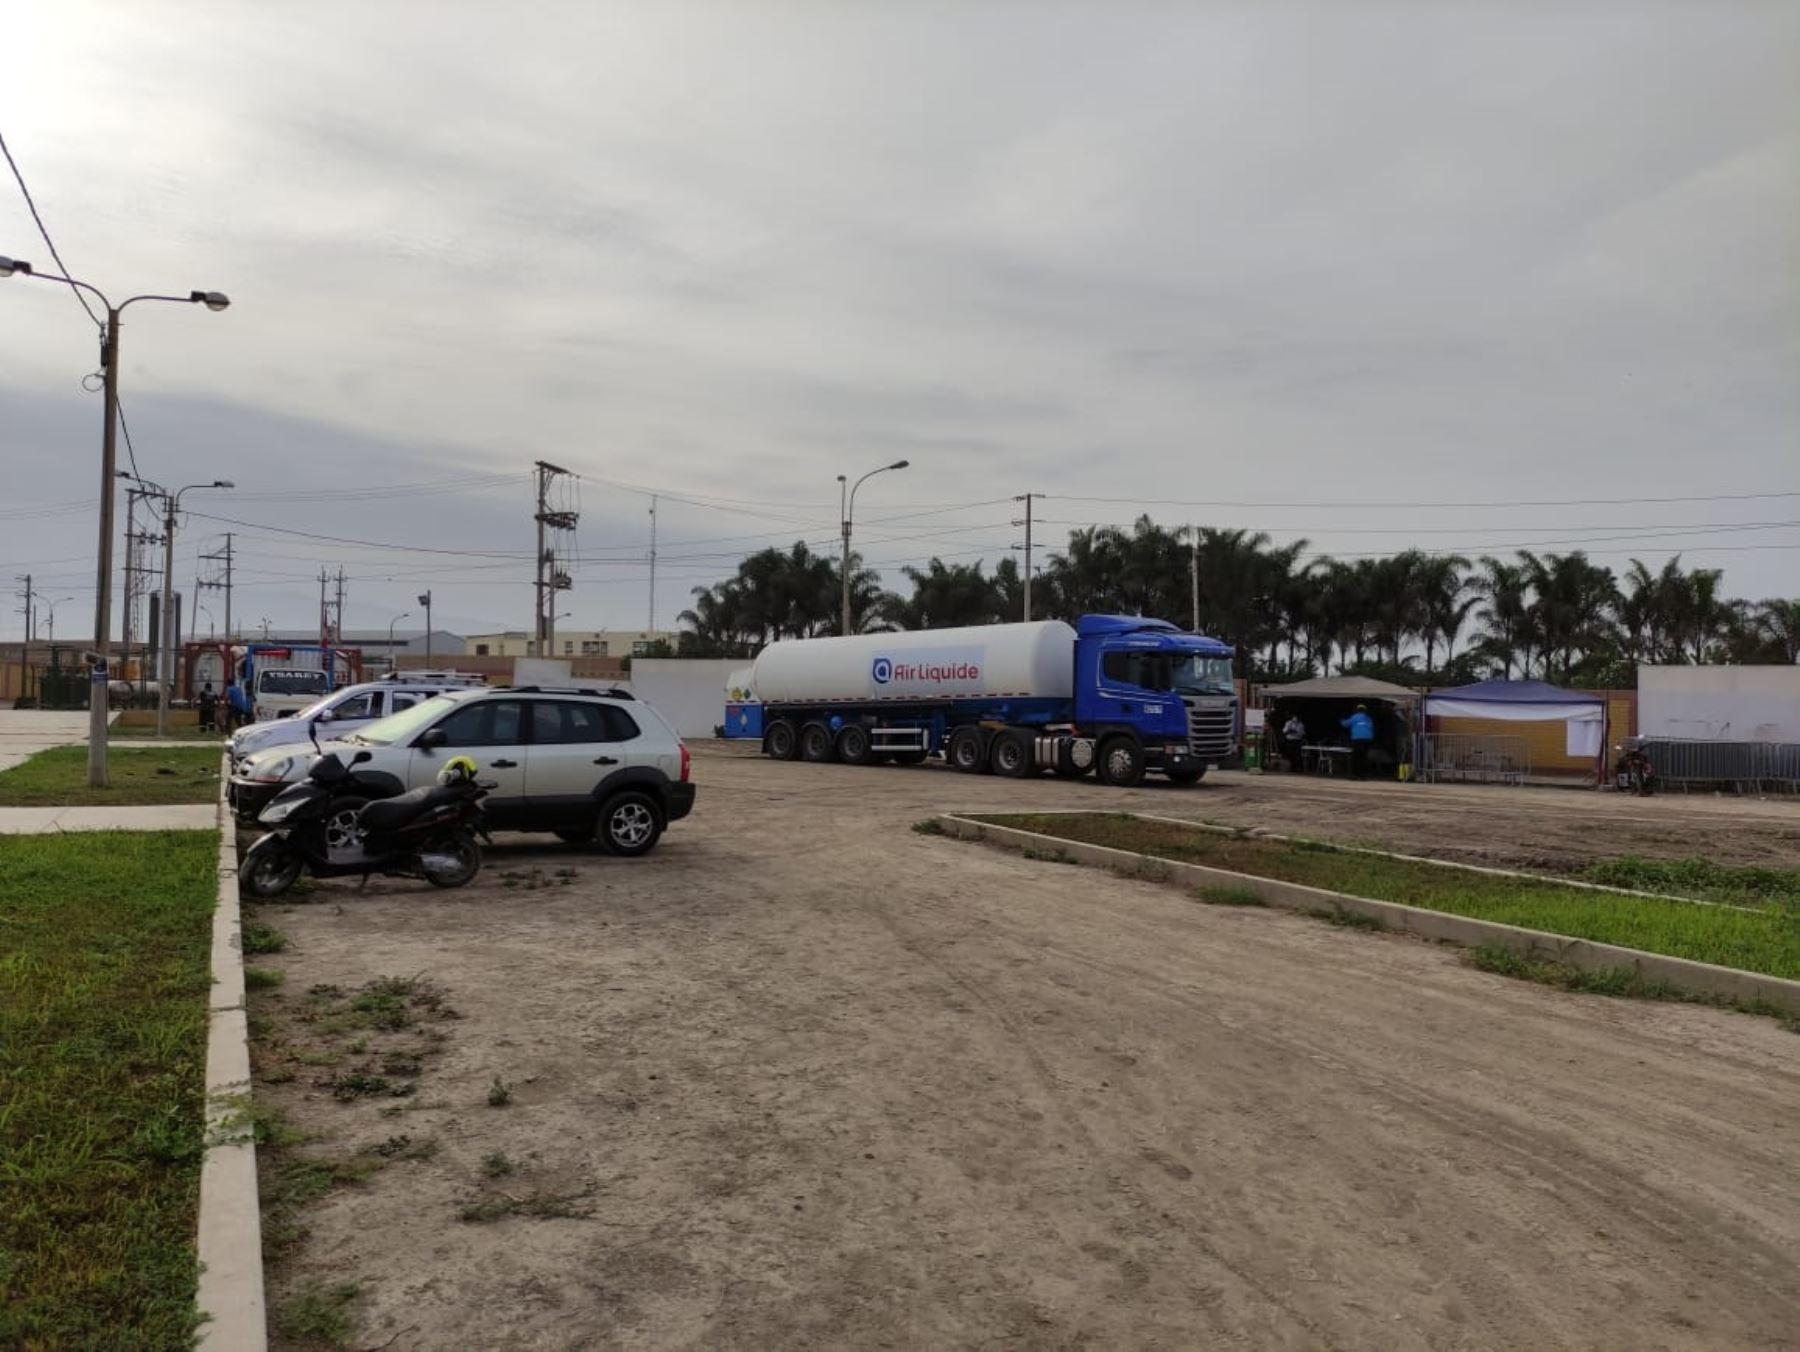 Después de varios días de viaje esta mañana llegó a Cañete la cisterna con el oxígeno medicinal importado de Chile.